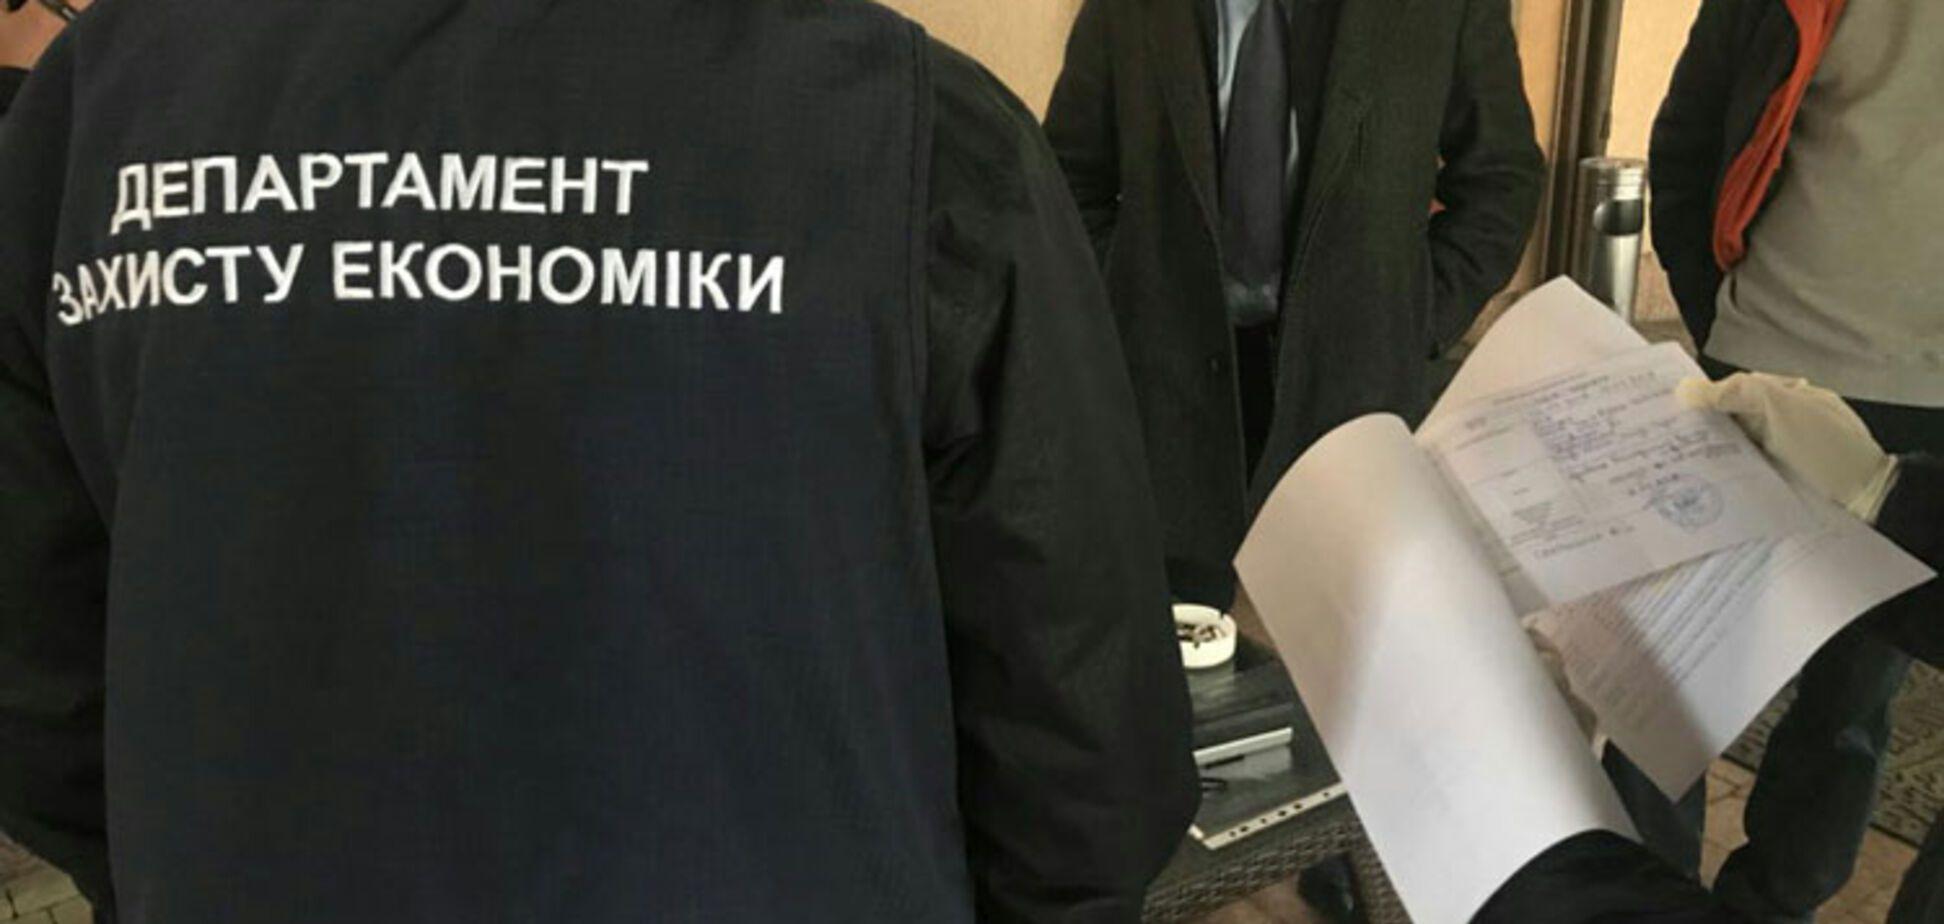 Решал вопросы: во Львове глава РГА Гнида погорел на крупной взятке